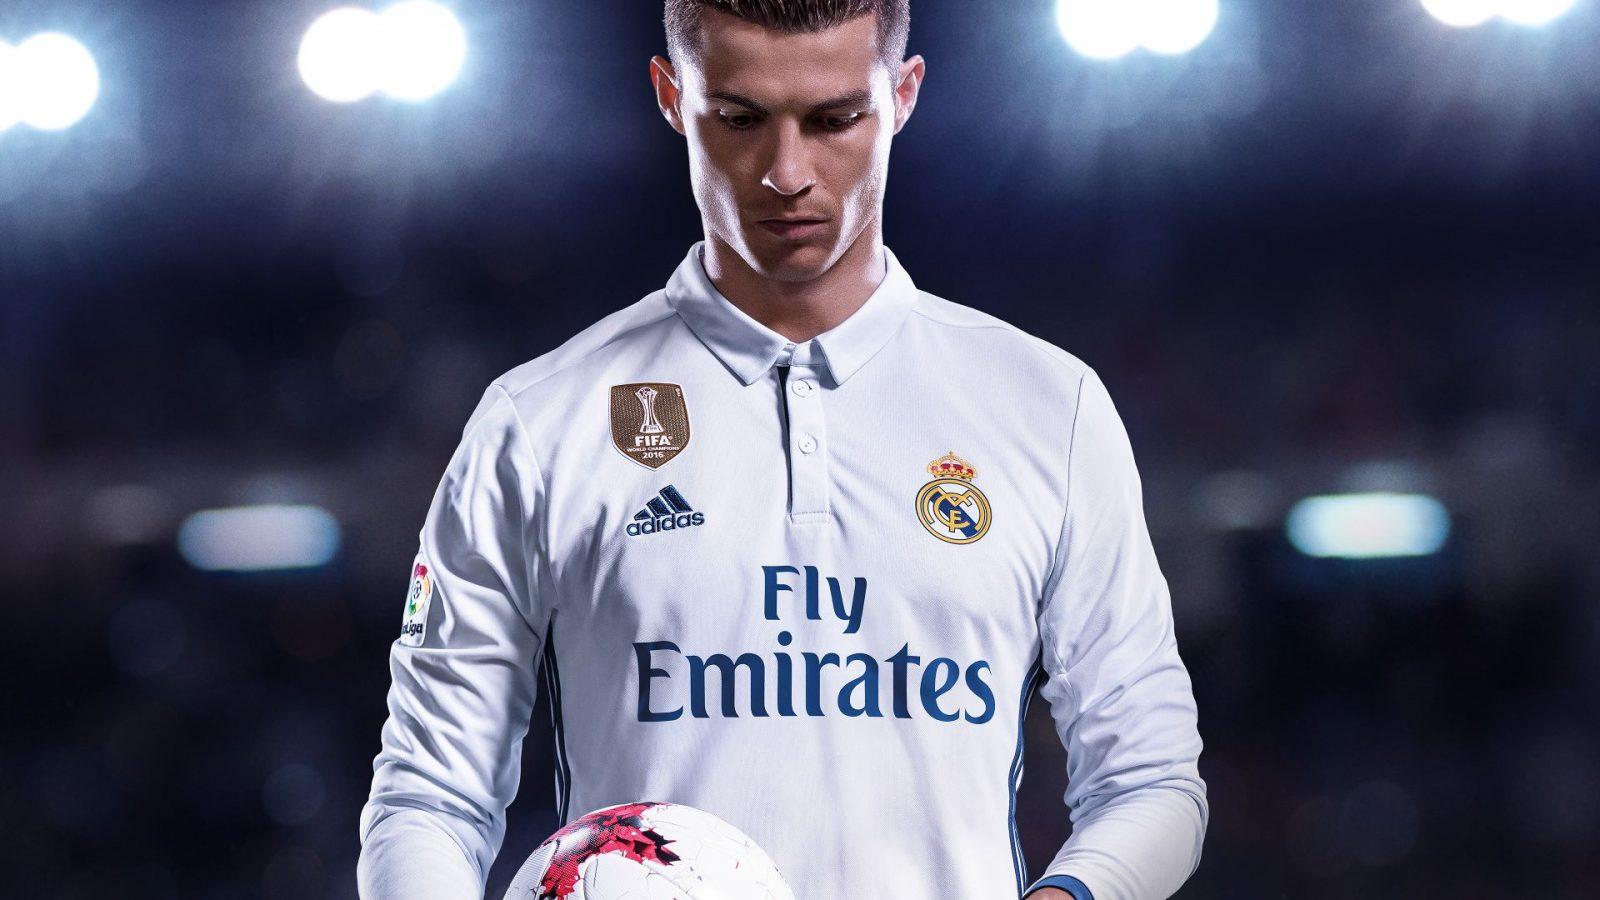 Los negocios de Cristiano Ronaldo en España peligran por su salida del Real Madrid